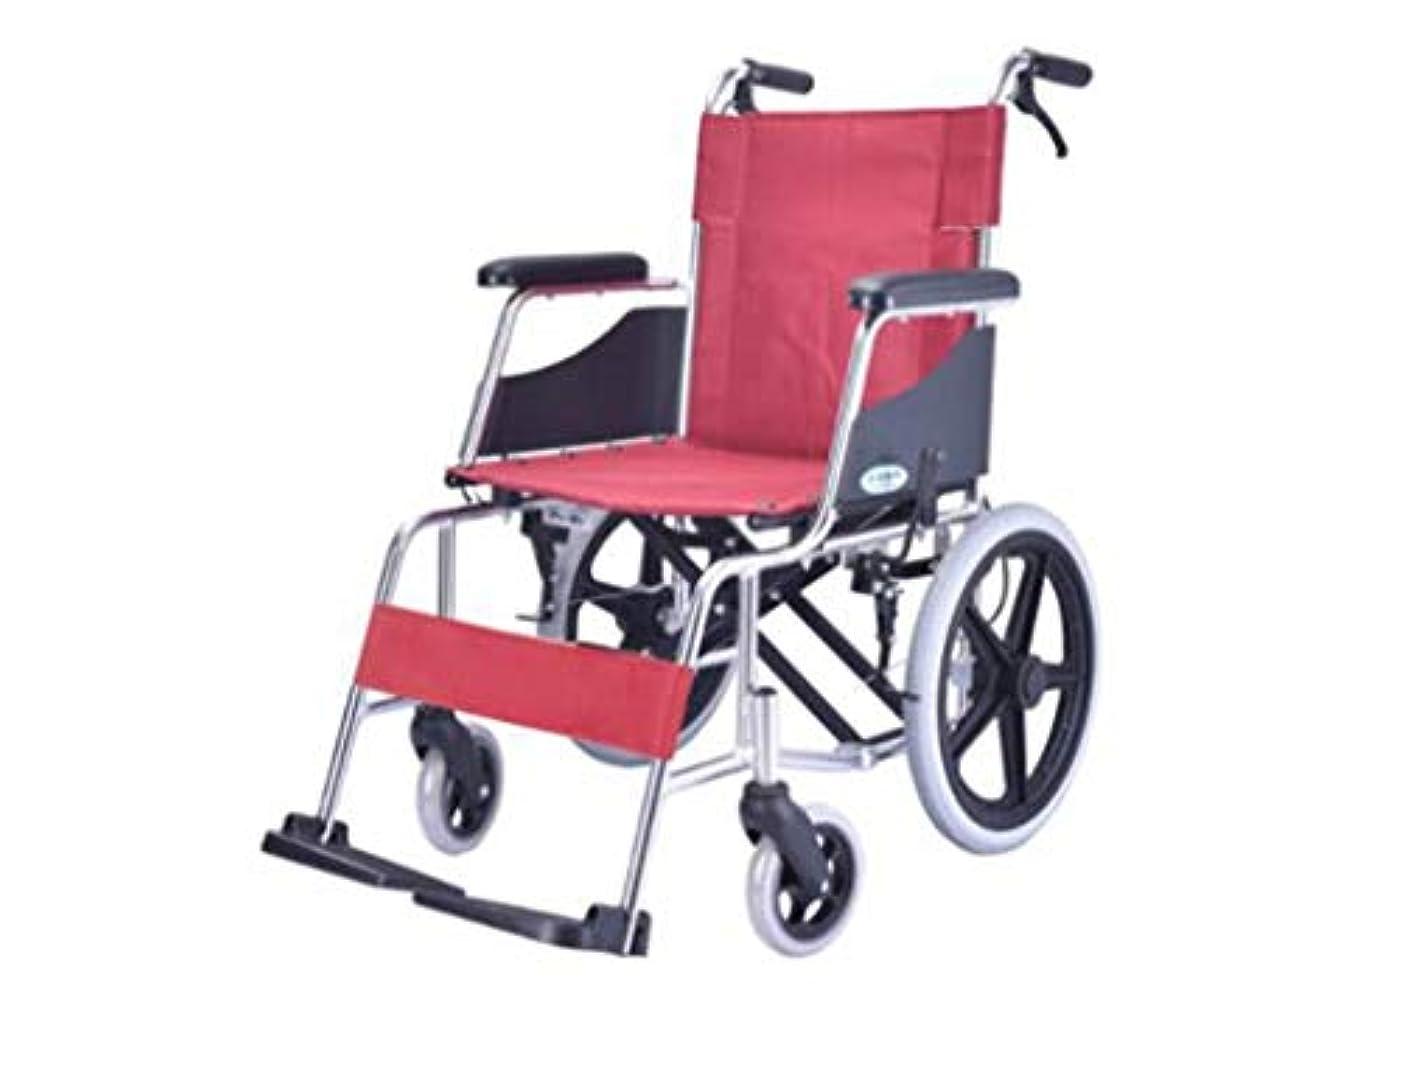 救急車ピラミッド販売員車椅子折りたたみ式、高齢者用車椅子用手動航空チタン合金、背もたれ収納バッグのデザイン、200 kgのベアリング